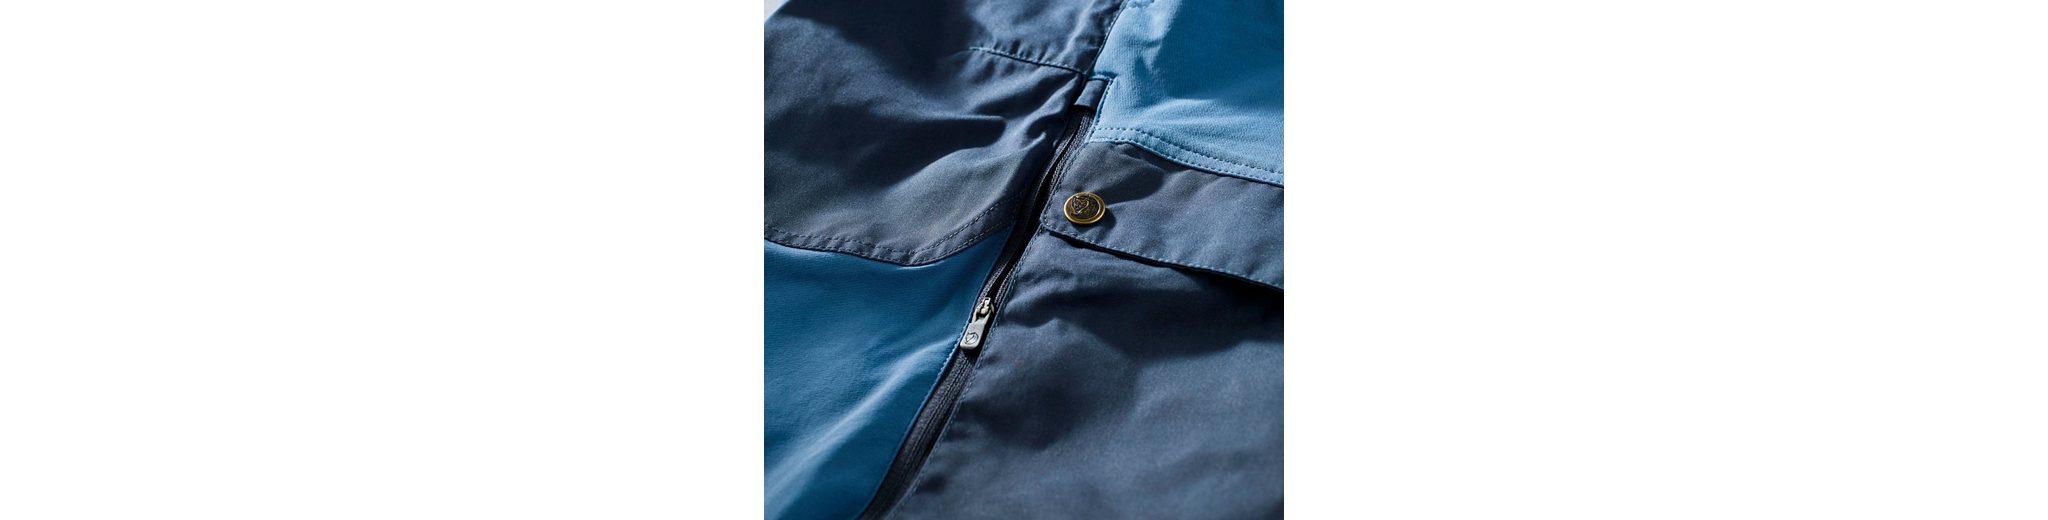 100% Original Günstig Online FJÄLLRÄVEN Outdoorhose Keb Regular Trousers Men Zuverlässig Austrittsstellen Online Online-Shop Zum Verkauf 8k7xkc